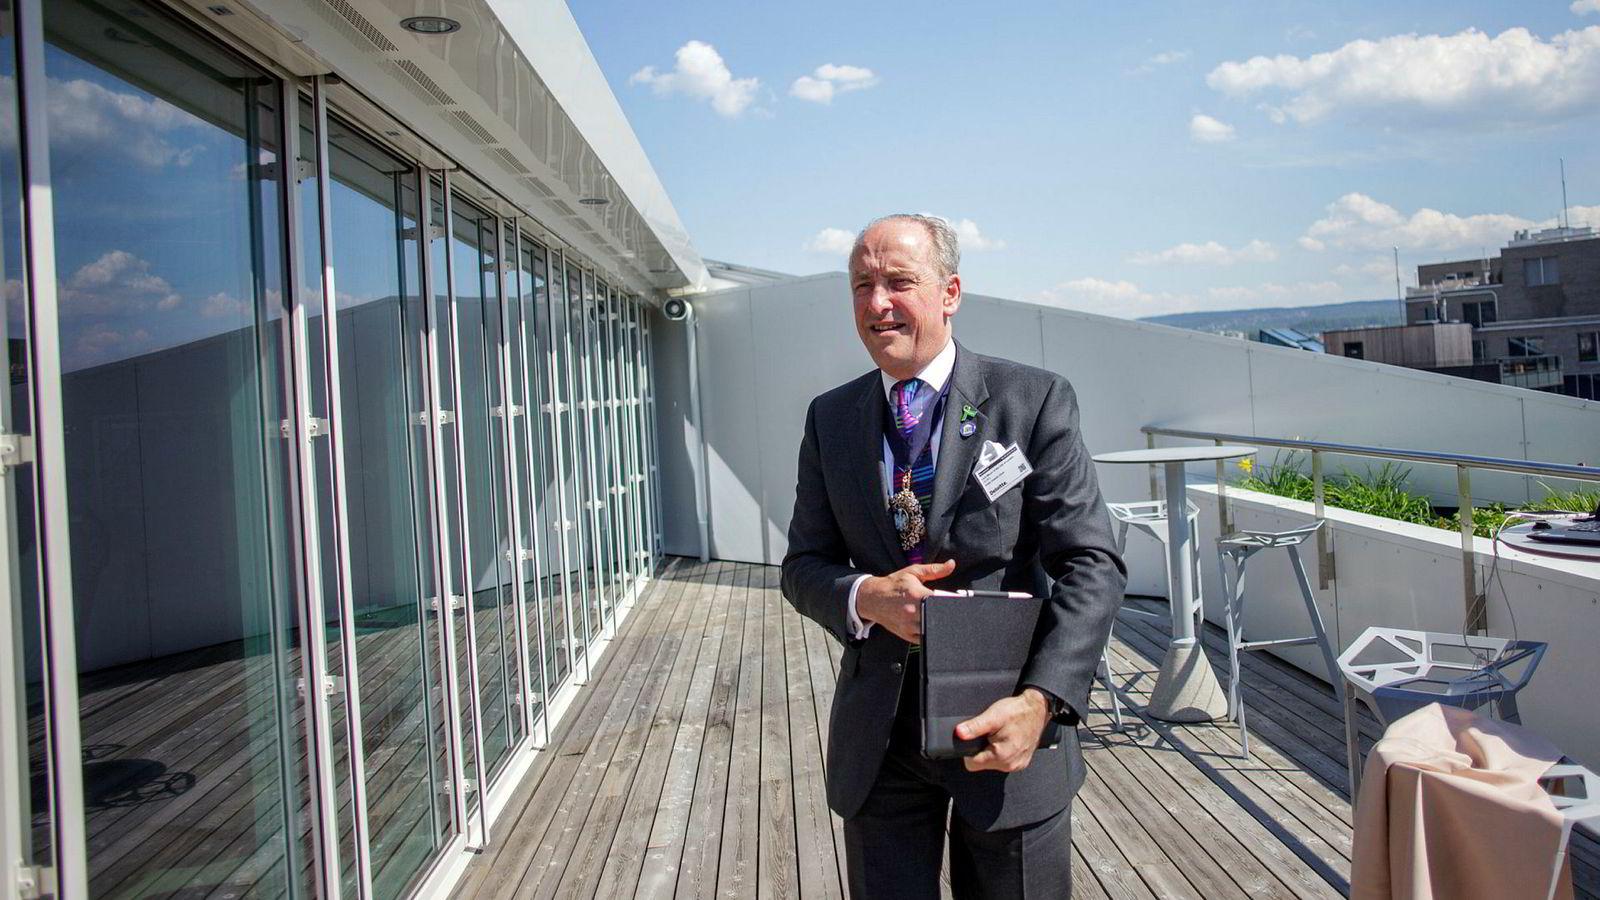 Borgermester Charles Bowman i City of London på besøk i Oslo, et av 32 land han er innom for å selge et utkast til brexit-avtale hverken den britiske regjeringen eller EU jubler for, i hvert fall foreløpig.